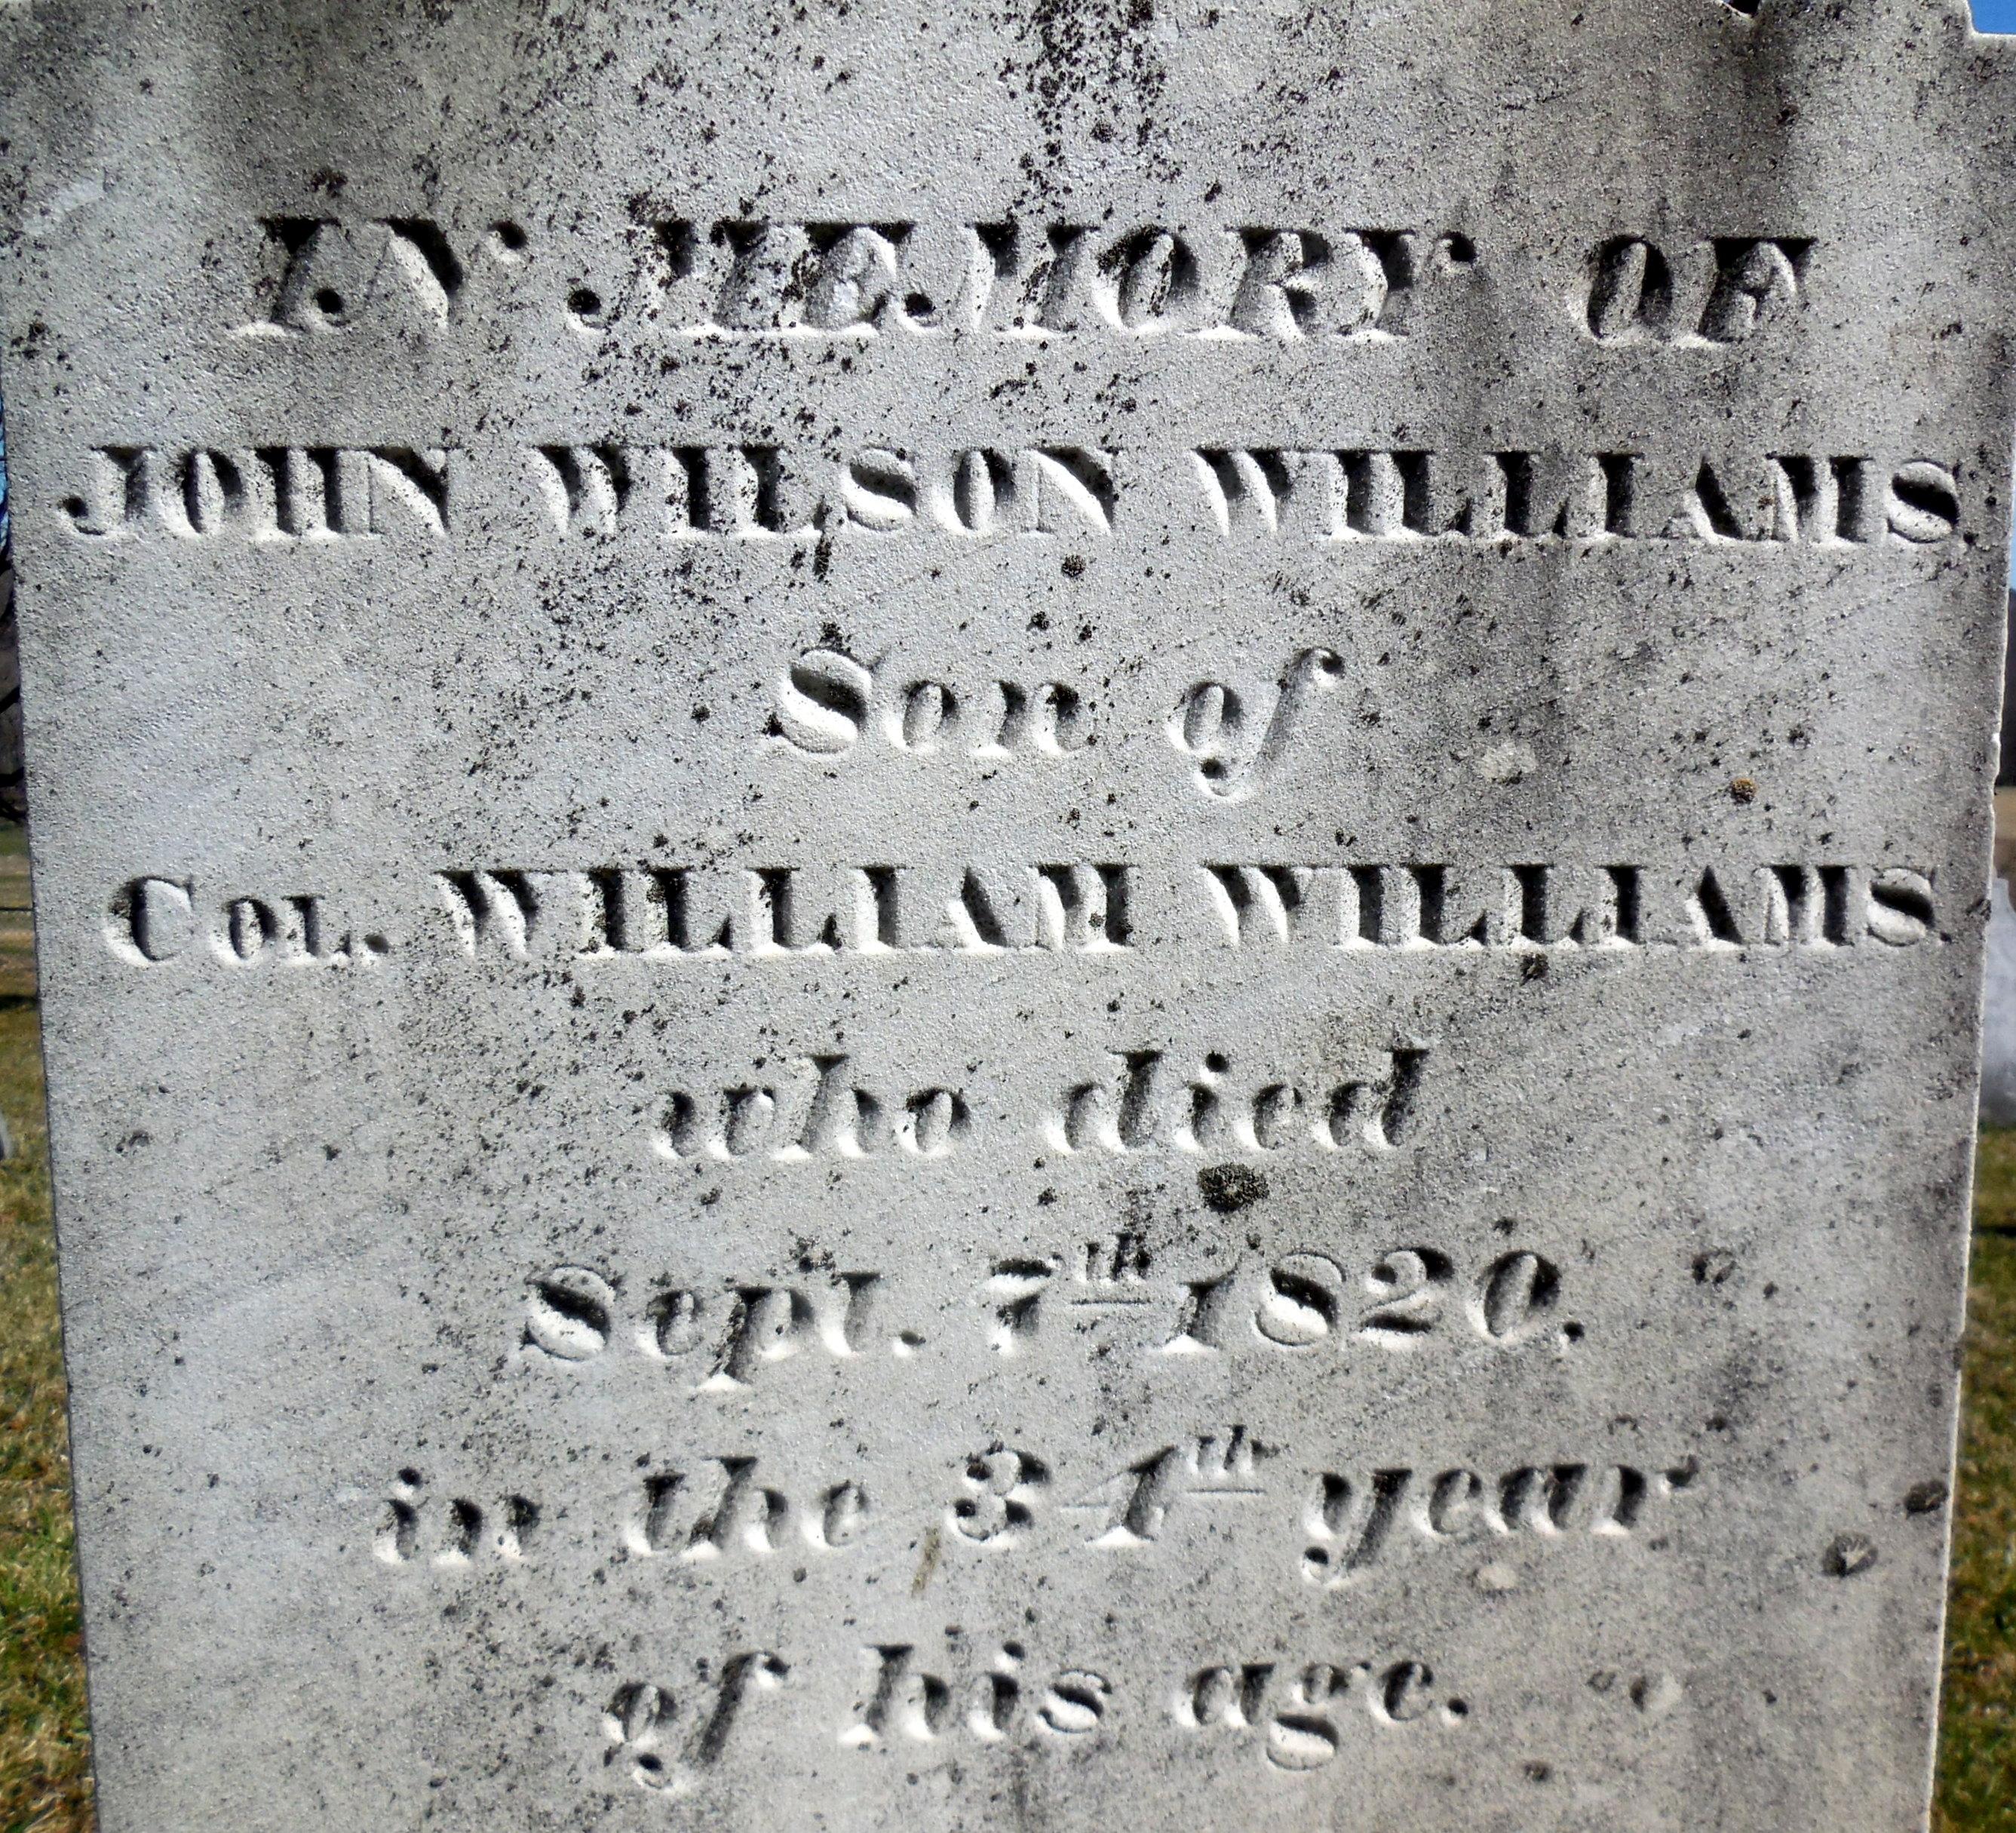 John Wilson Williams